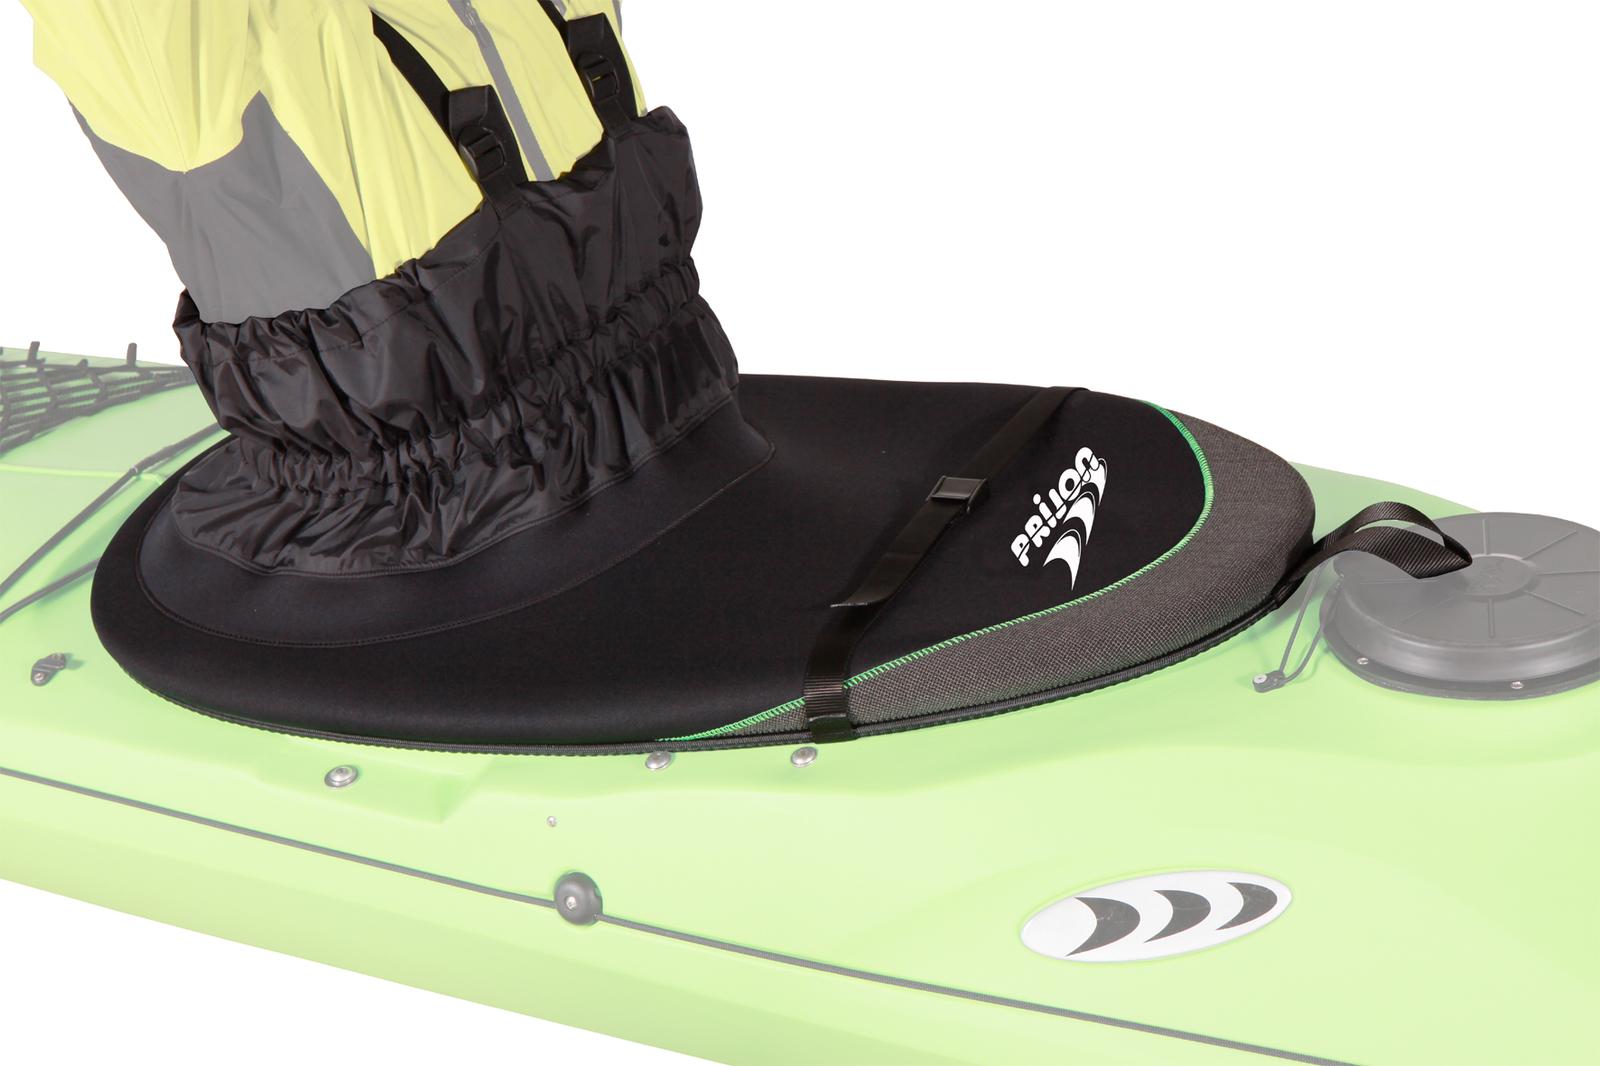 2Pcs Aufblasbare Kajak Boots Luftfußpumpe Hr-Schlauchadapter H-R Ventiladap OX Bootsport Zubehör